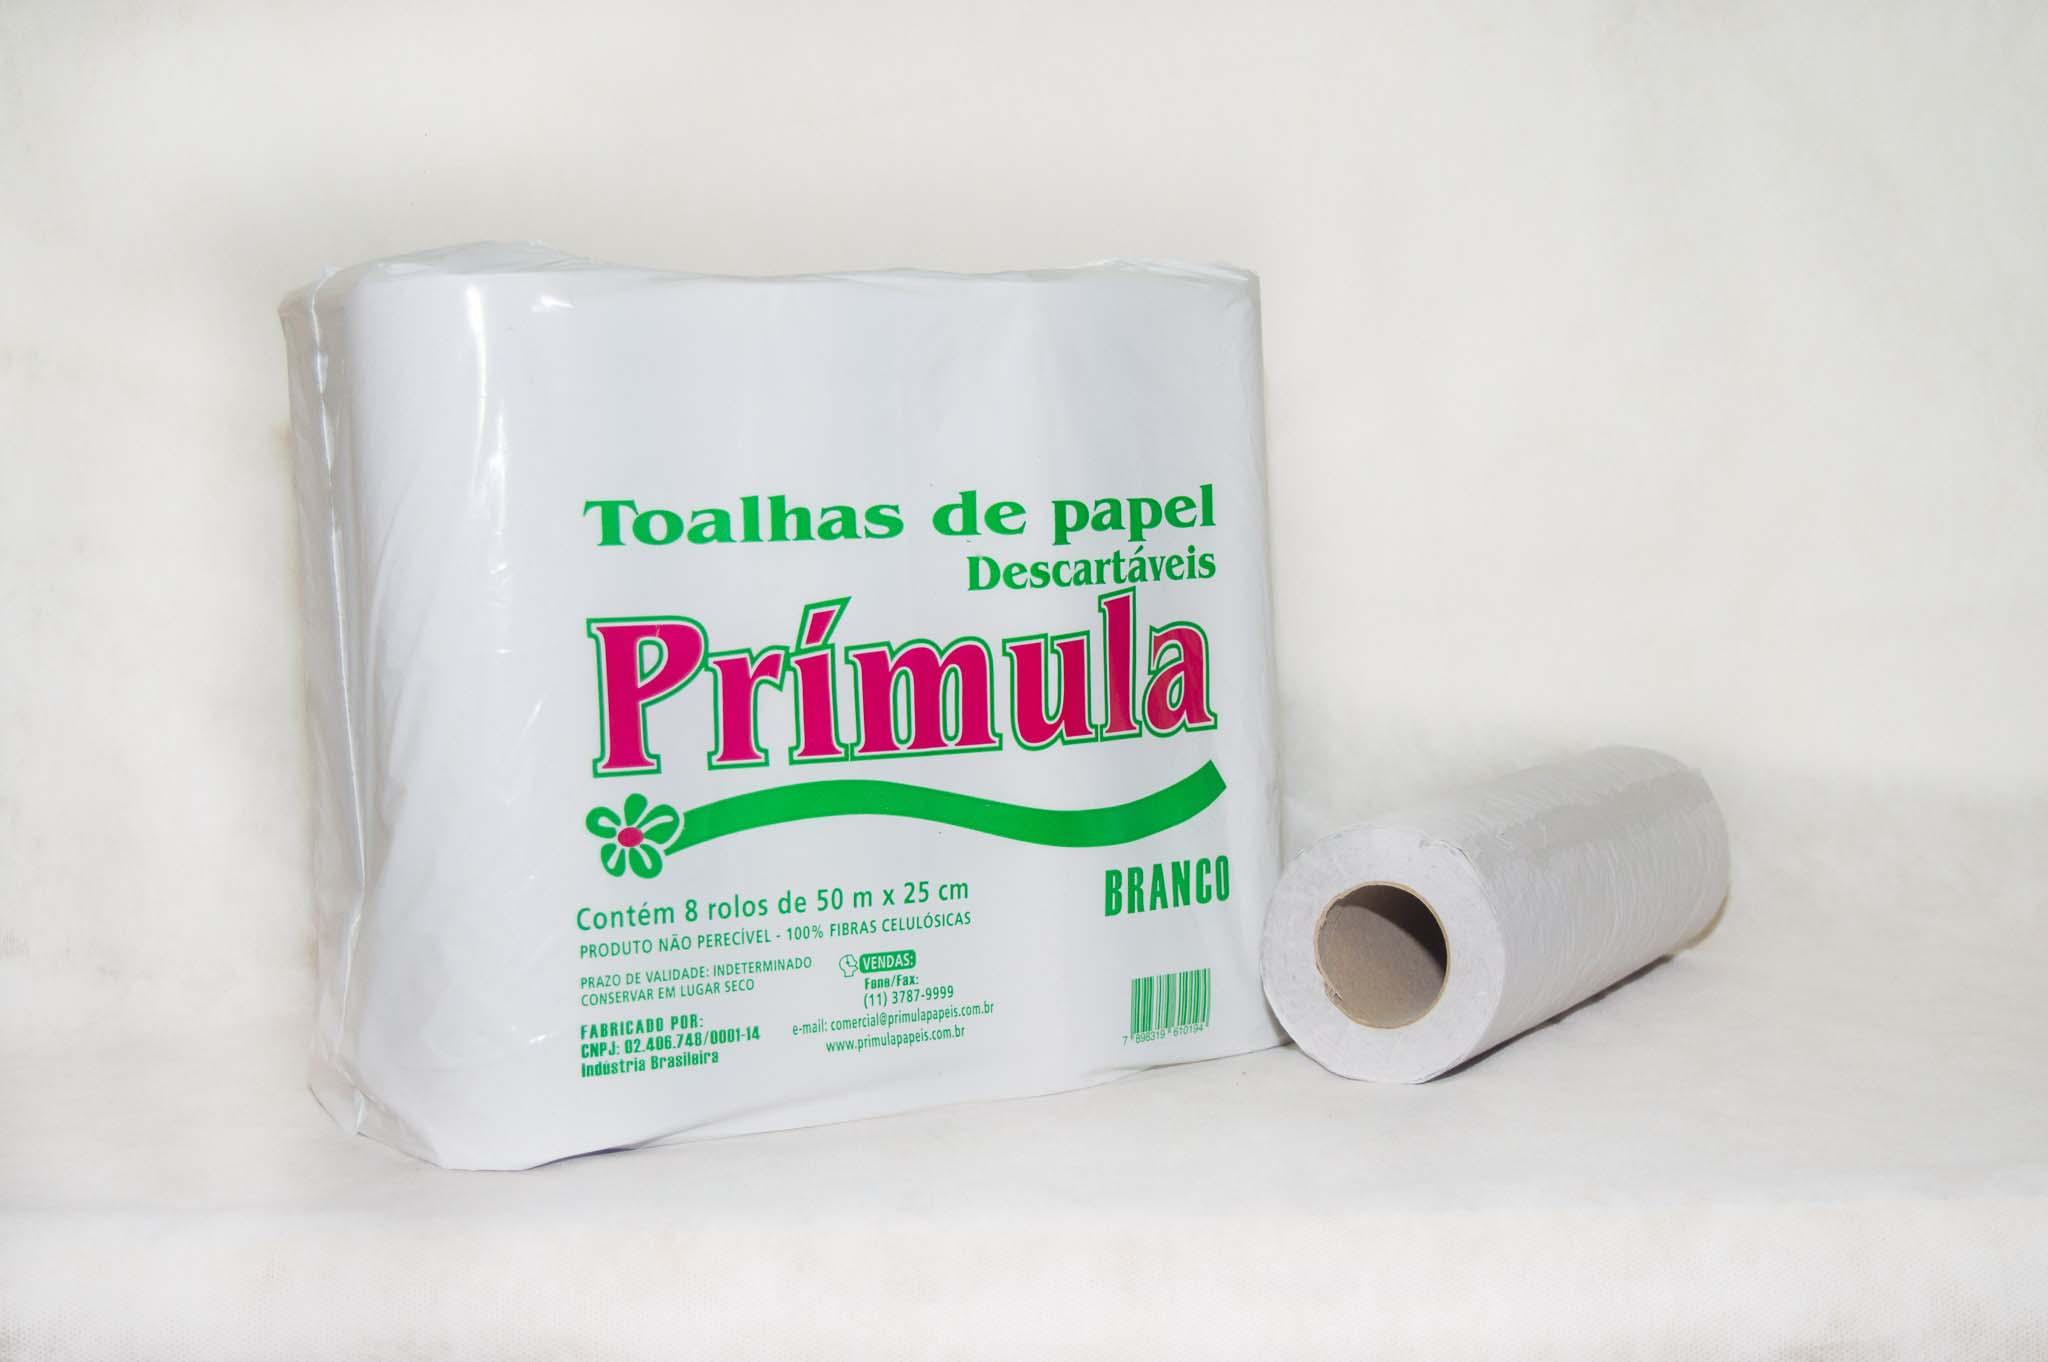 Indústria de papel toalha